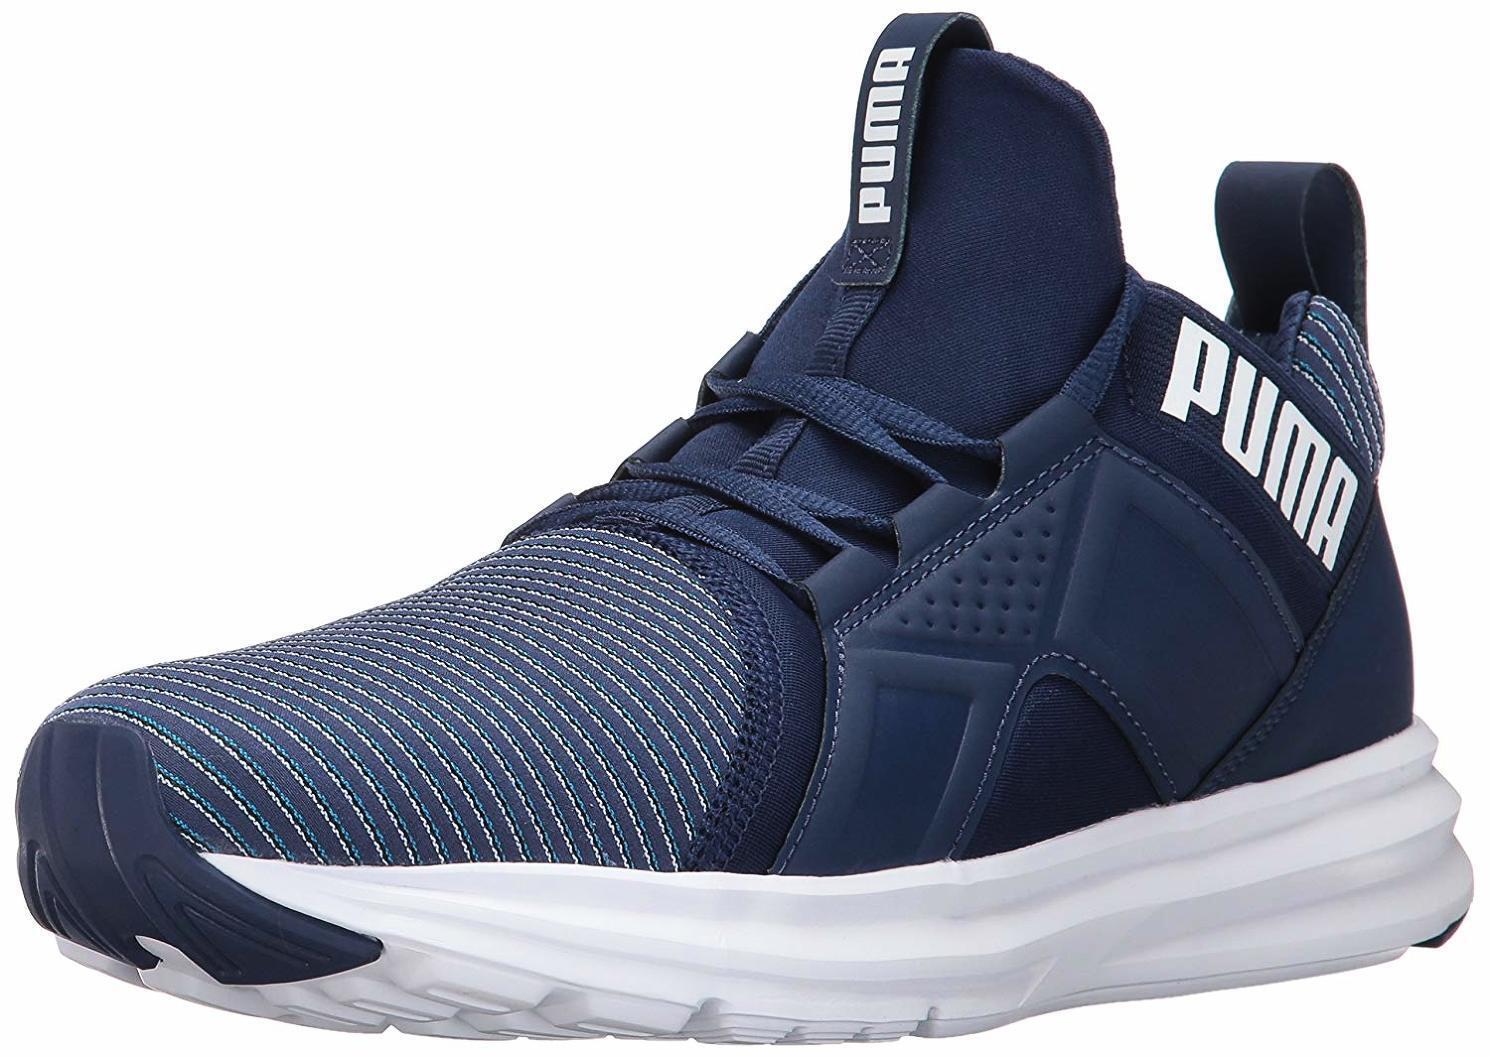 PUMA Men's Enzo Cross-Trainer shoes - Choose SZ color